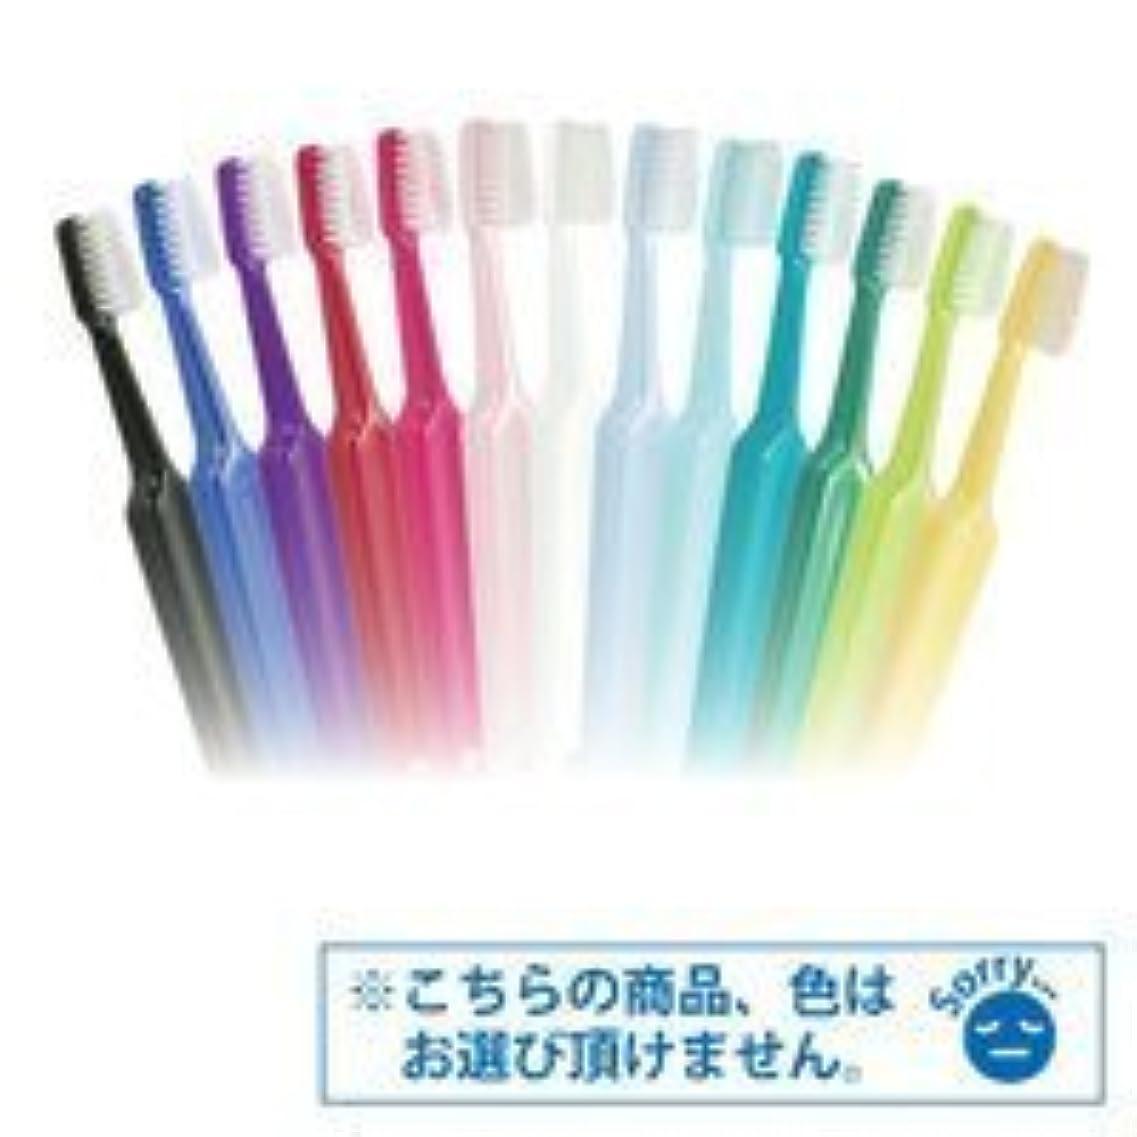 適格百科事典また明日ねTepe歯ブラシ セレクトコンパクト/ミディアム 25本/箱